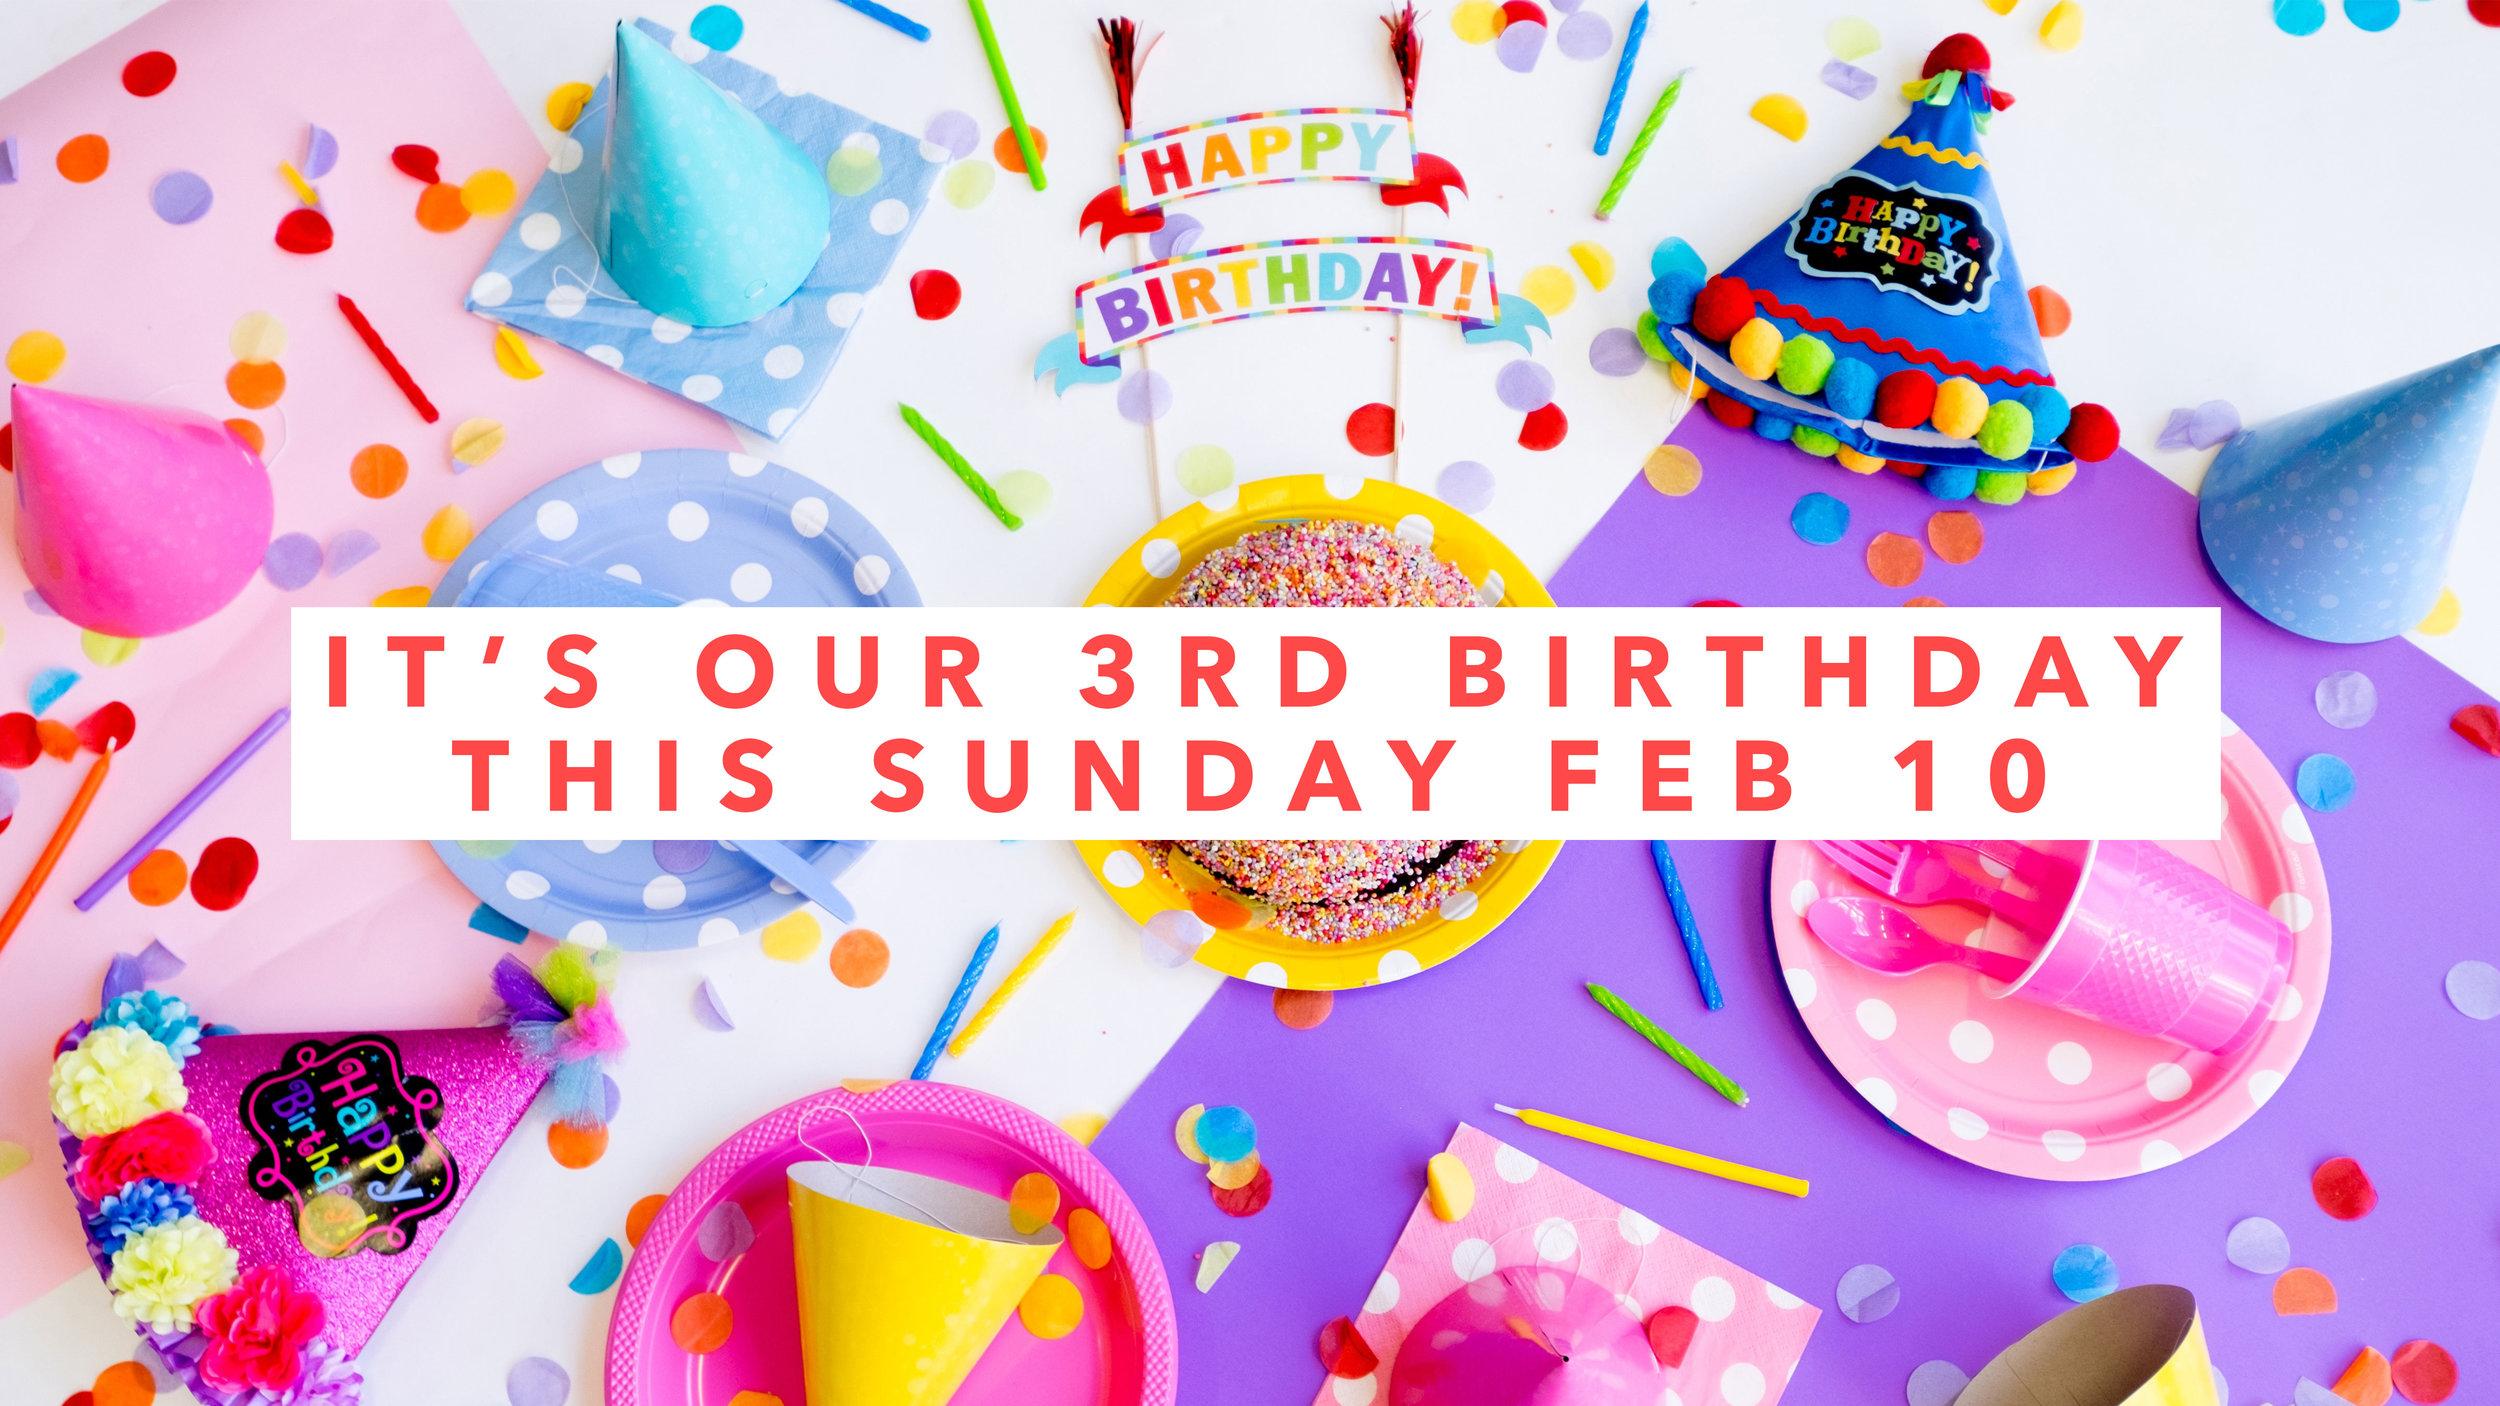 birthday-web-2.jpg